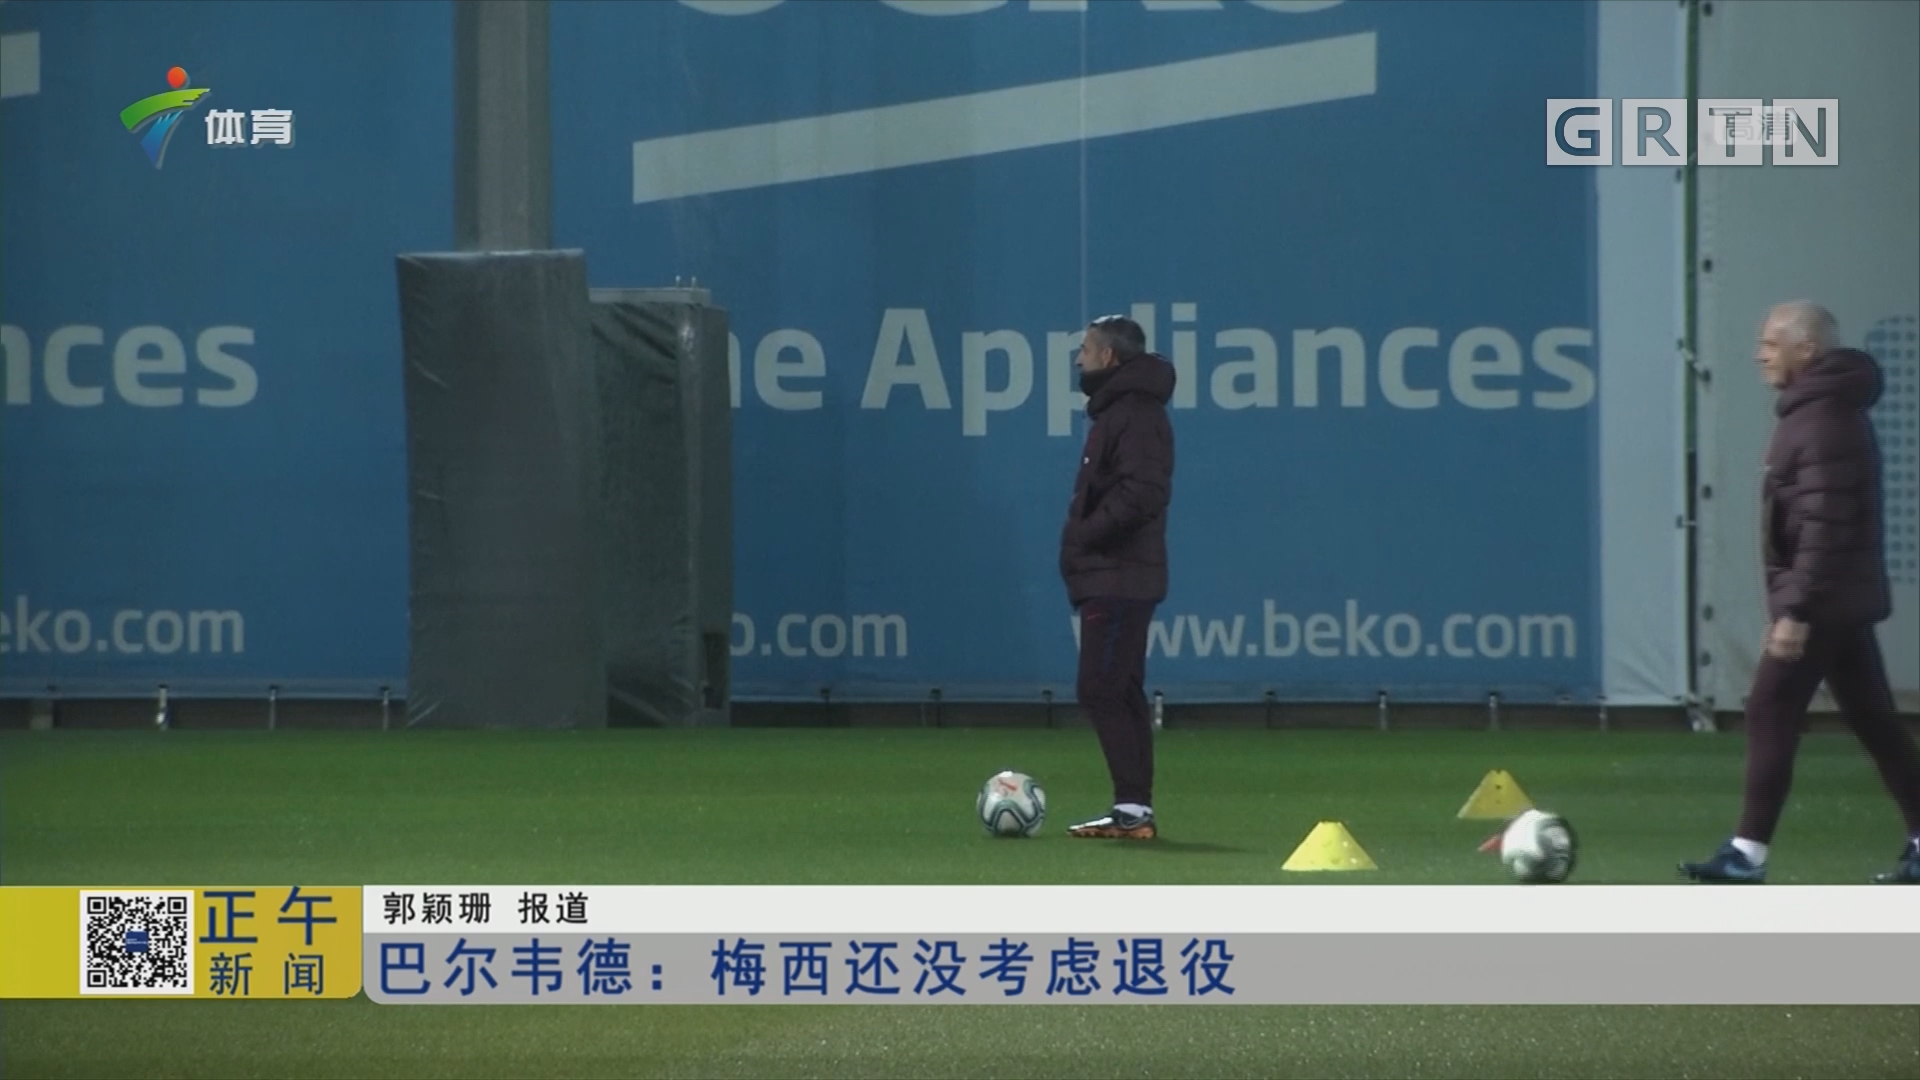 巴尔韦德:梅西还没考虑退役